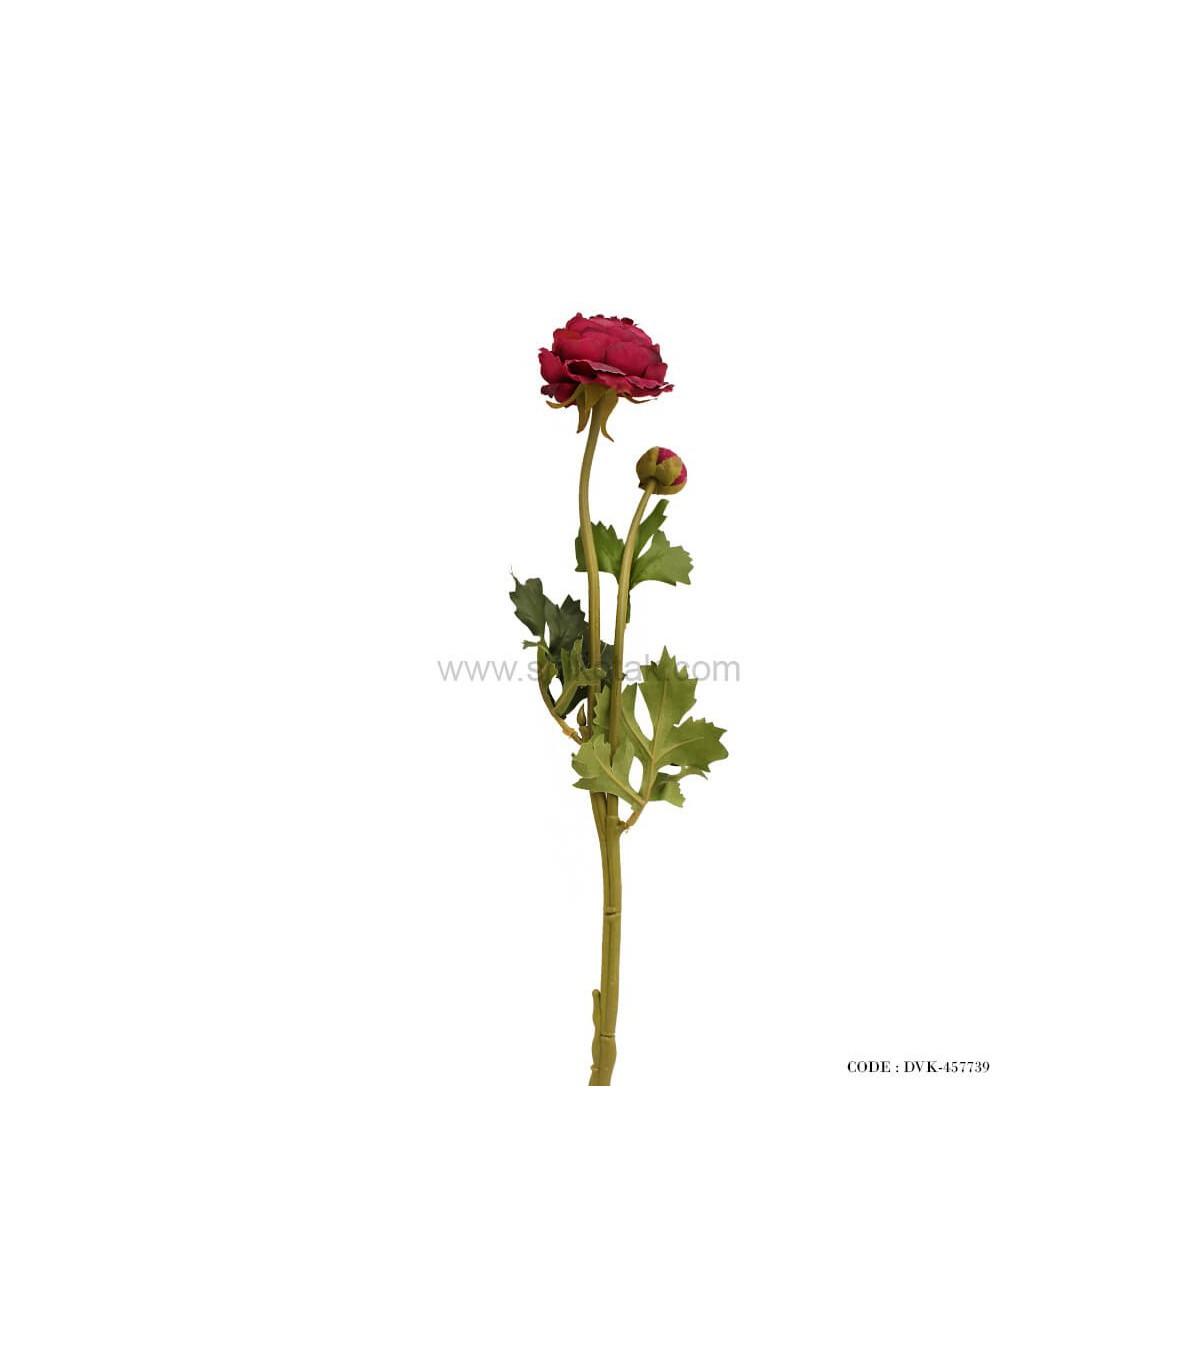 مدل گل مصنوعی رز هلندی